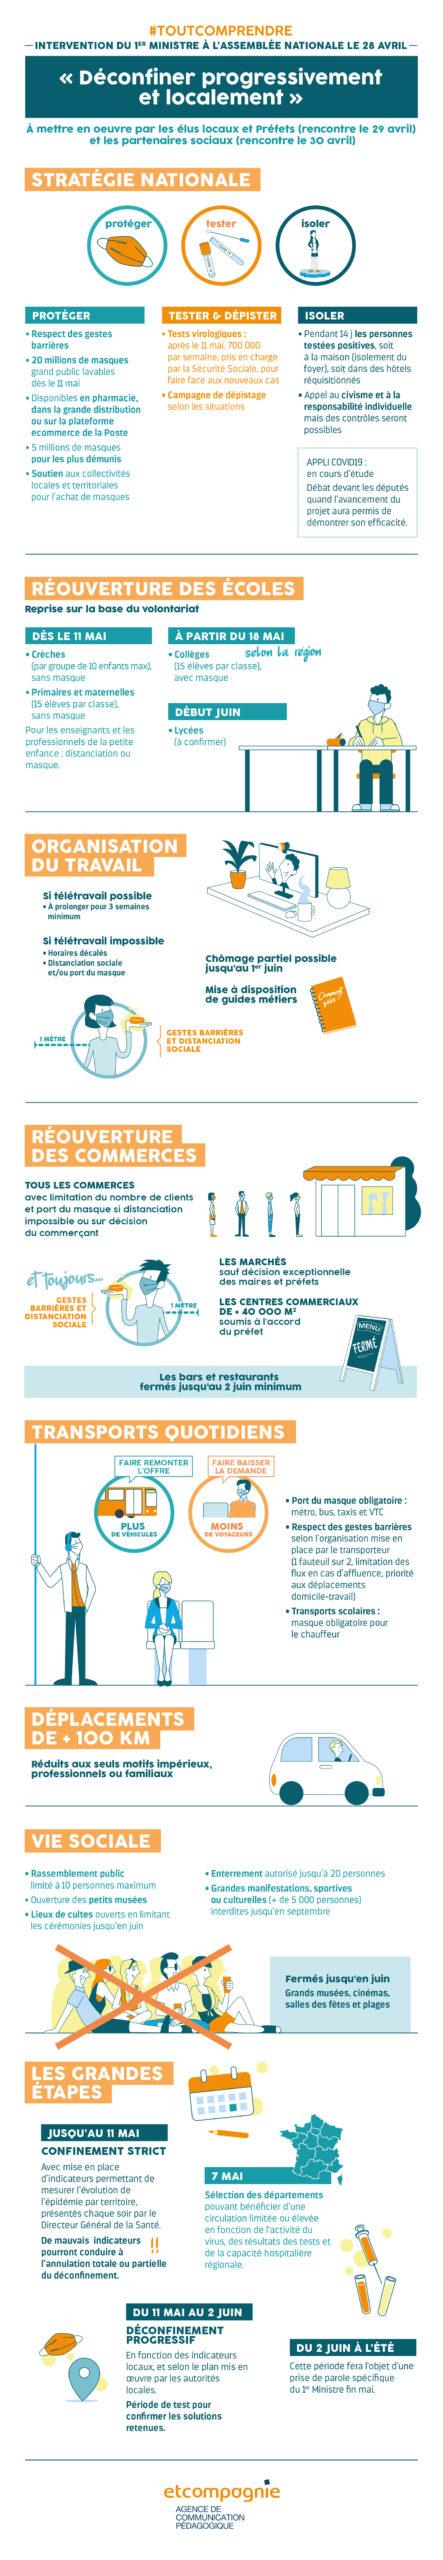 Infographie Du Discours Du Premier Ministre Assemblee Nationale Deconfinement 1 Scaled